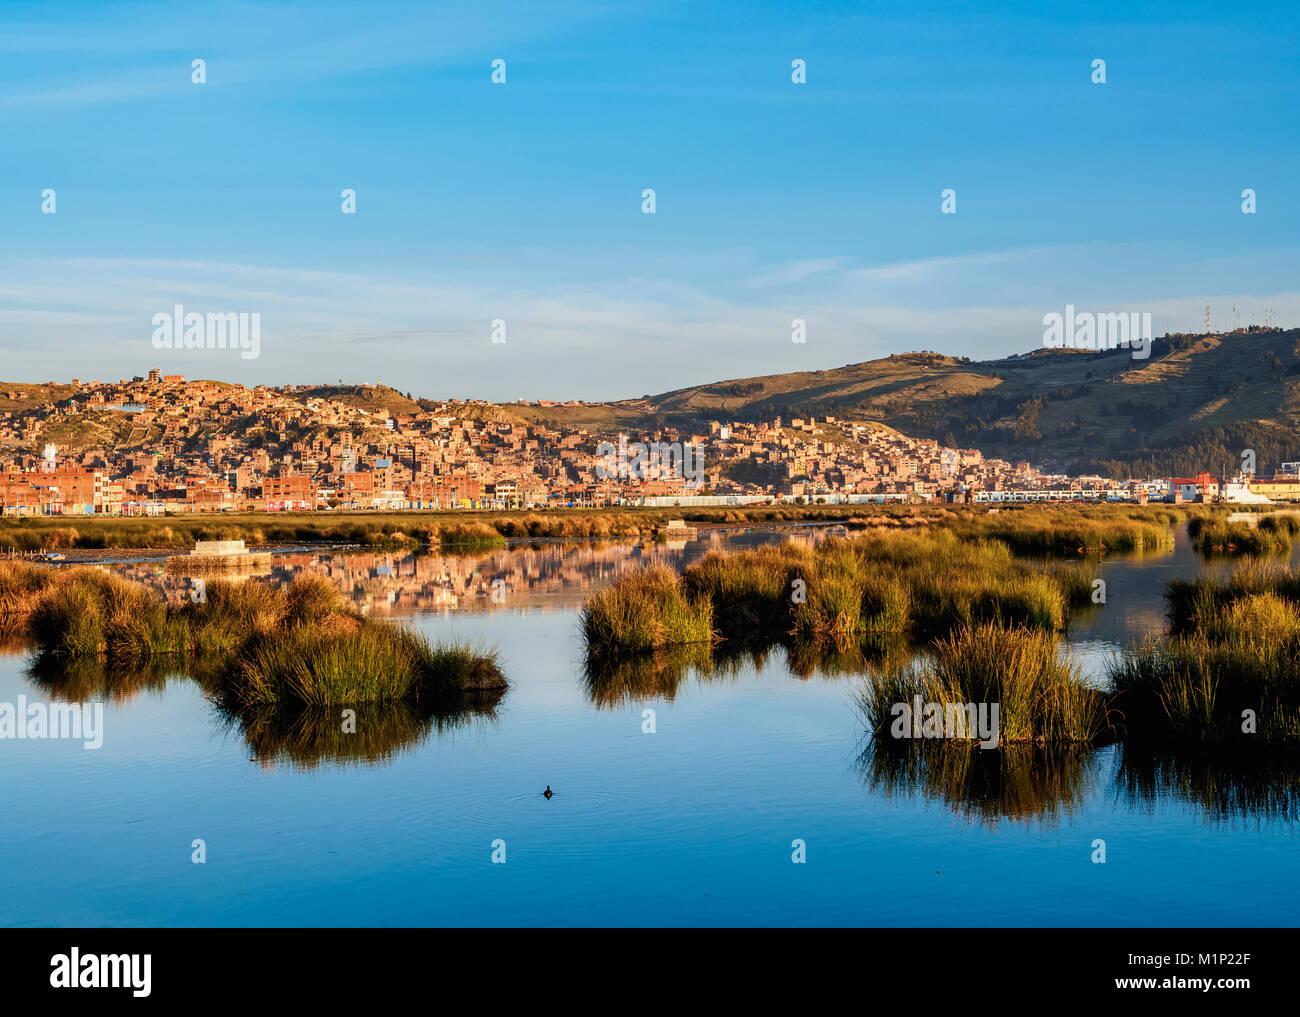 El lago Titicaca y la ciudad de Puno al amanecer, Perú, América del Sur Imagen De Stock